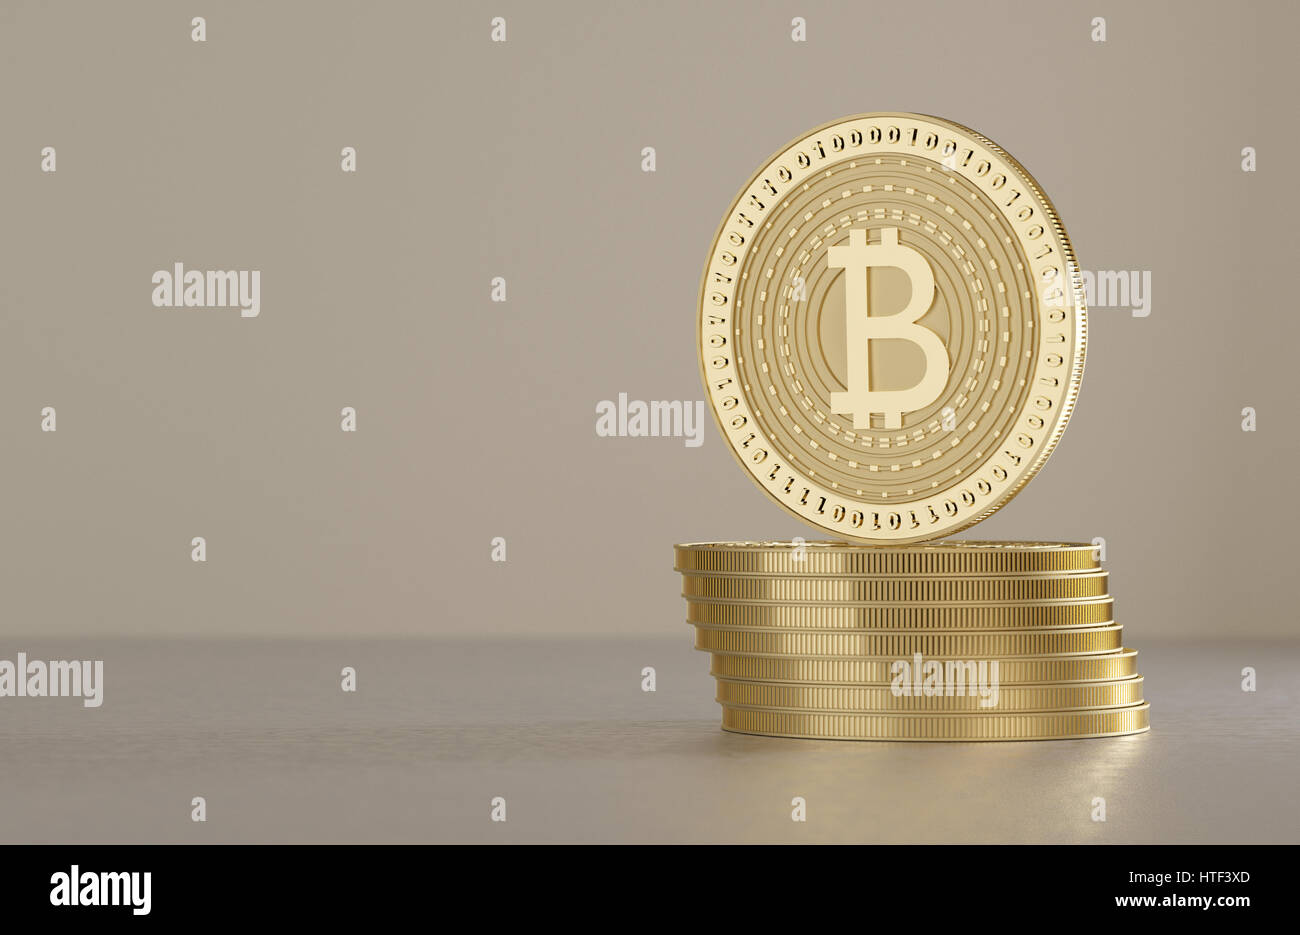 Zwei glänzende goldene Bitcoins als Konzept für Finanztechnologie und Krypto-Währung auf Metall-Boden Stockbild